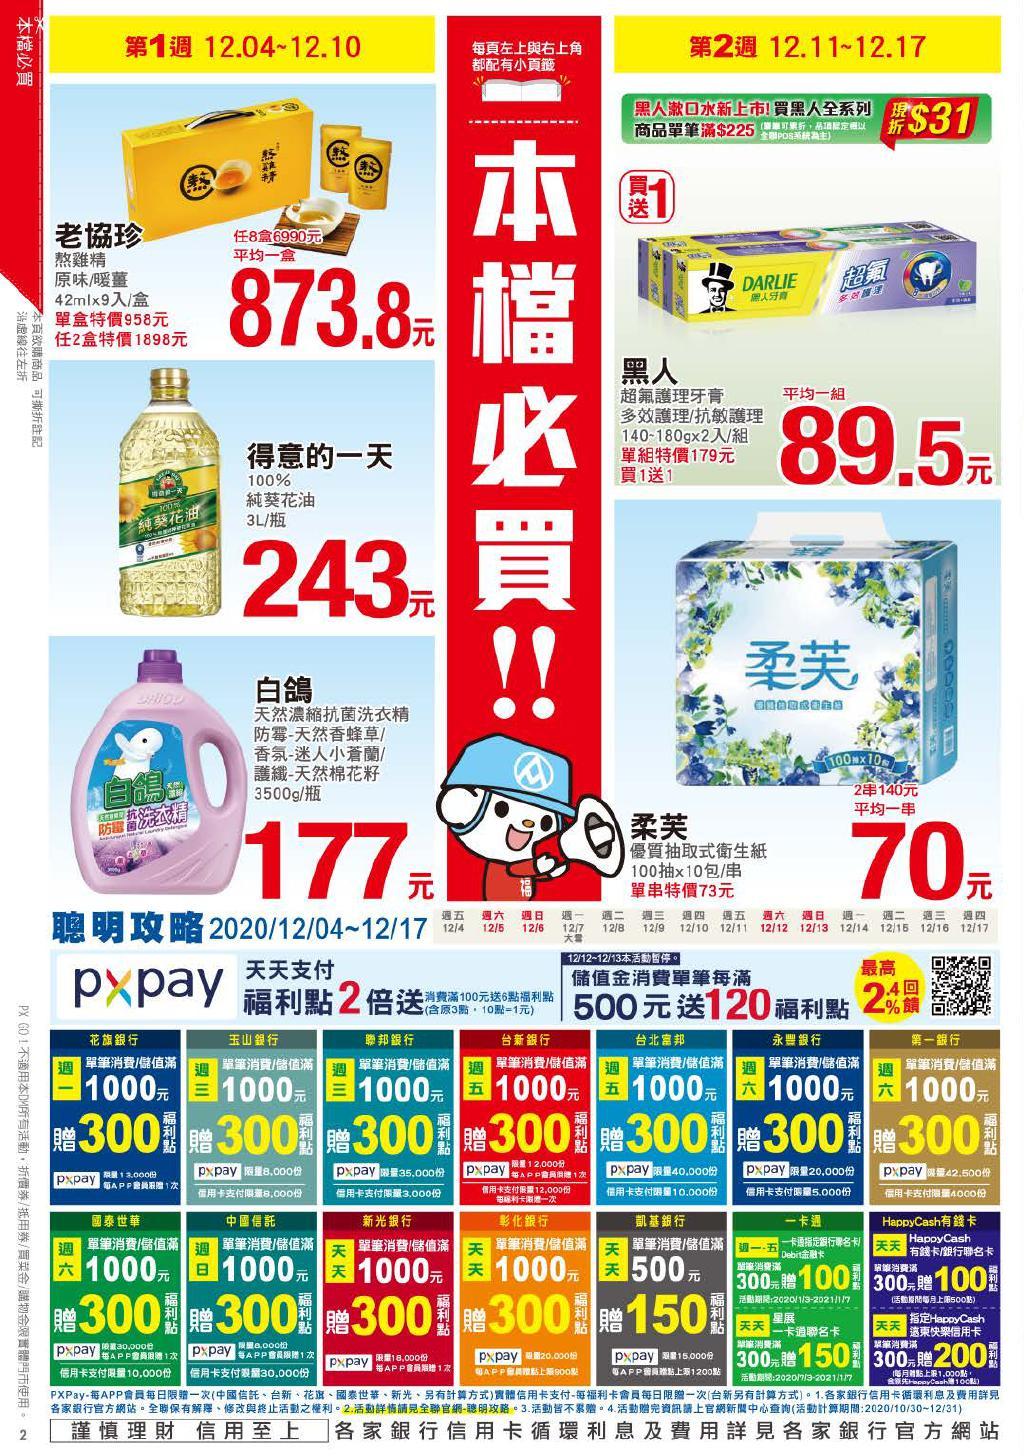 pxmart20201217_000002.jpg